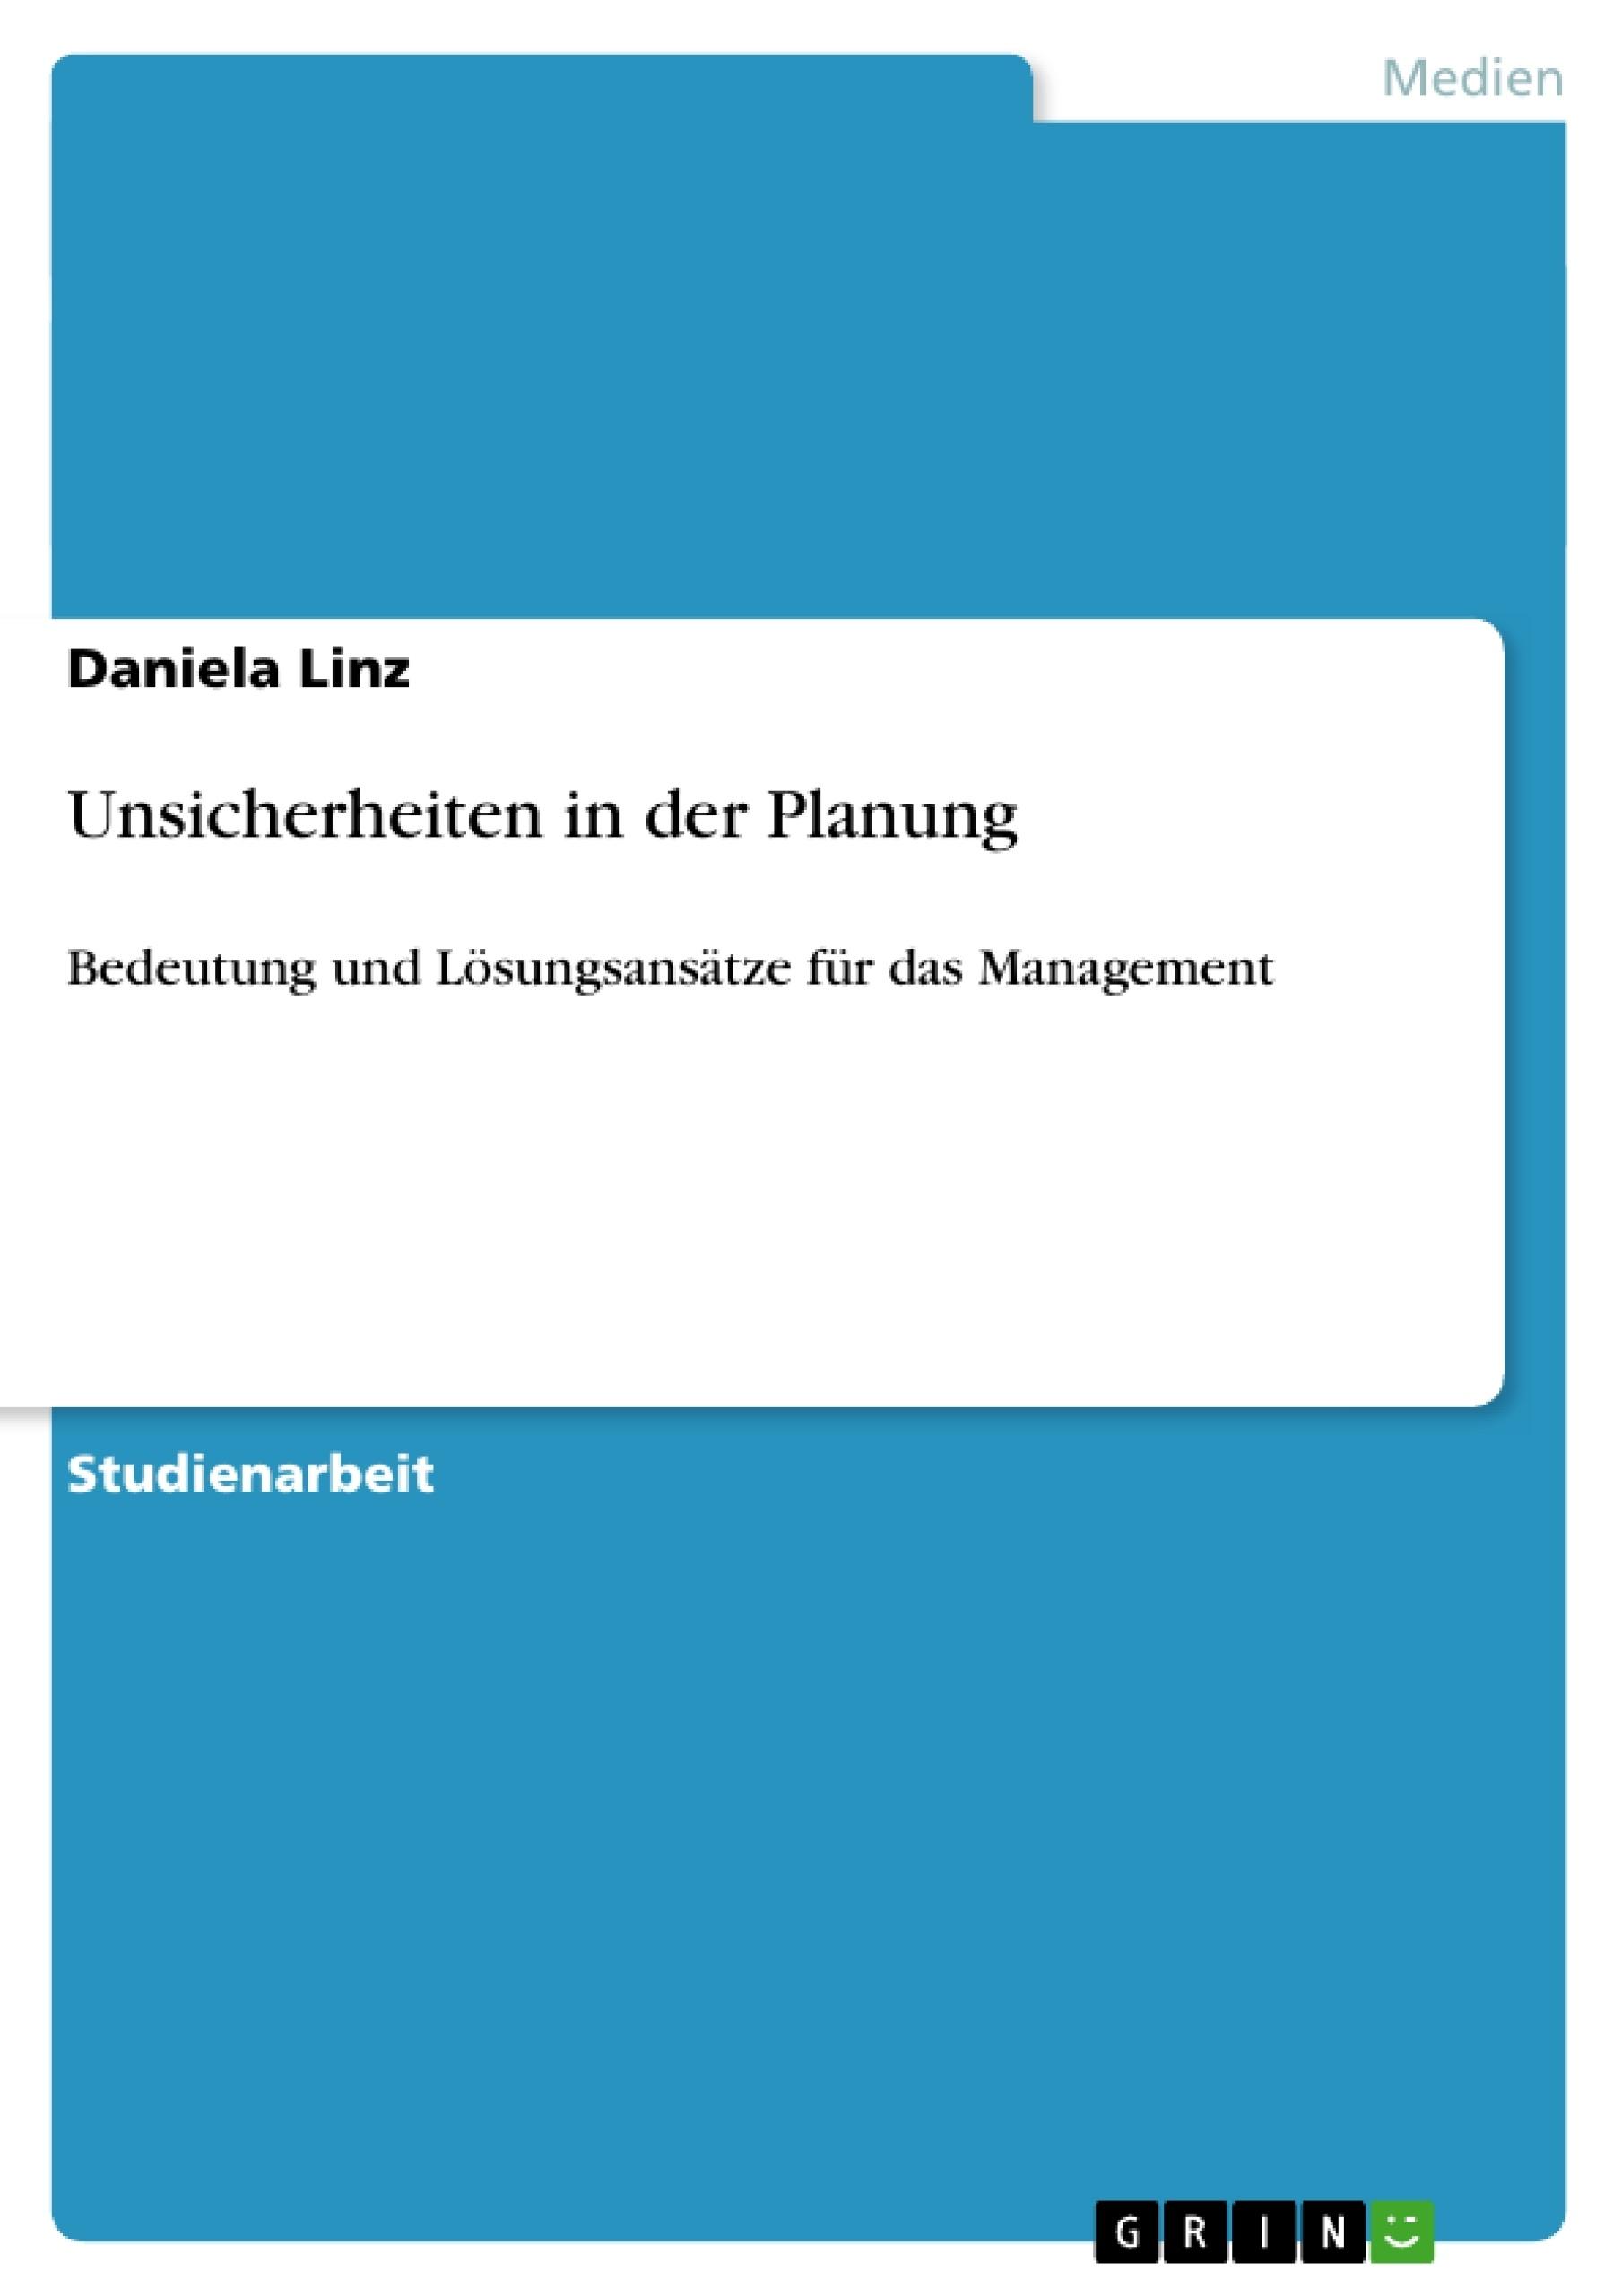 Titel: Unsicherheiten in der Planung